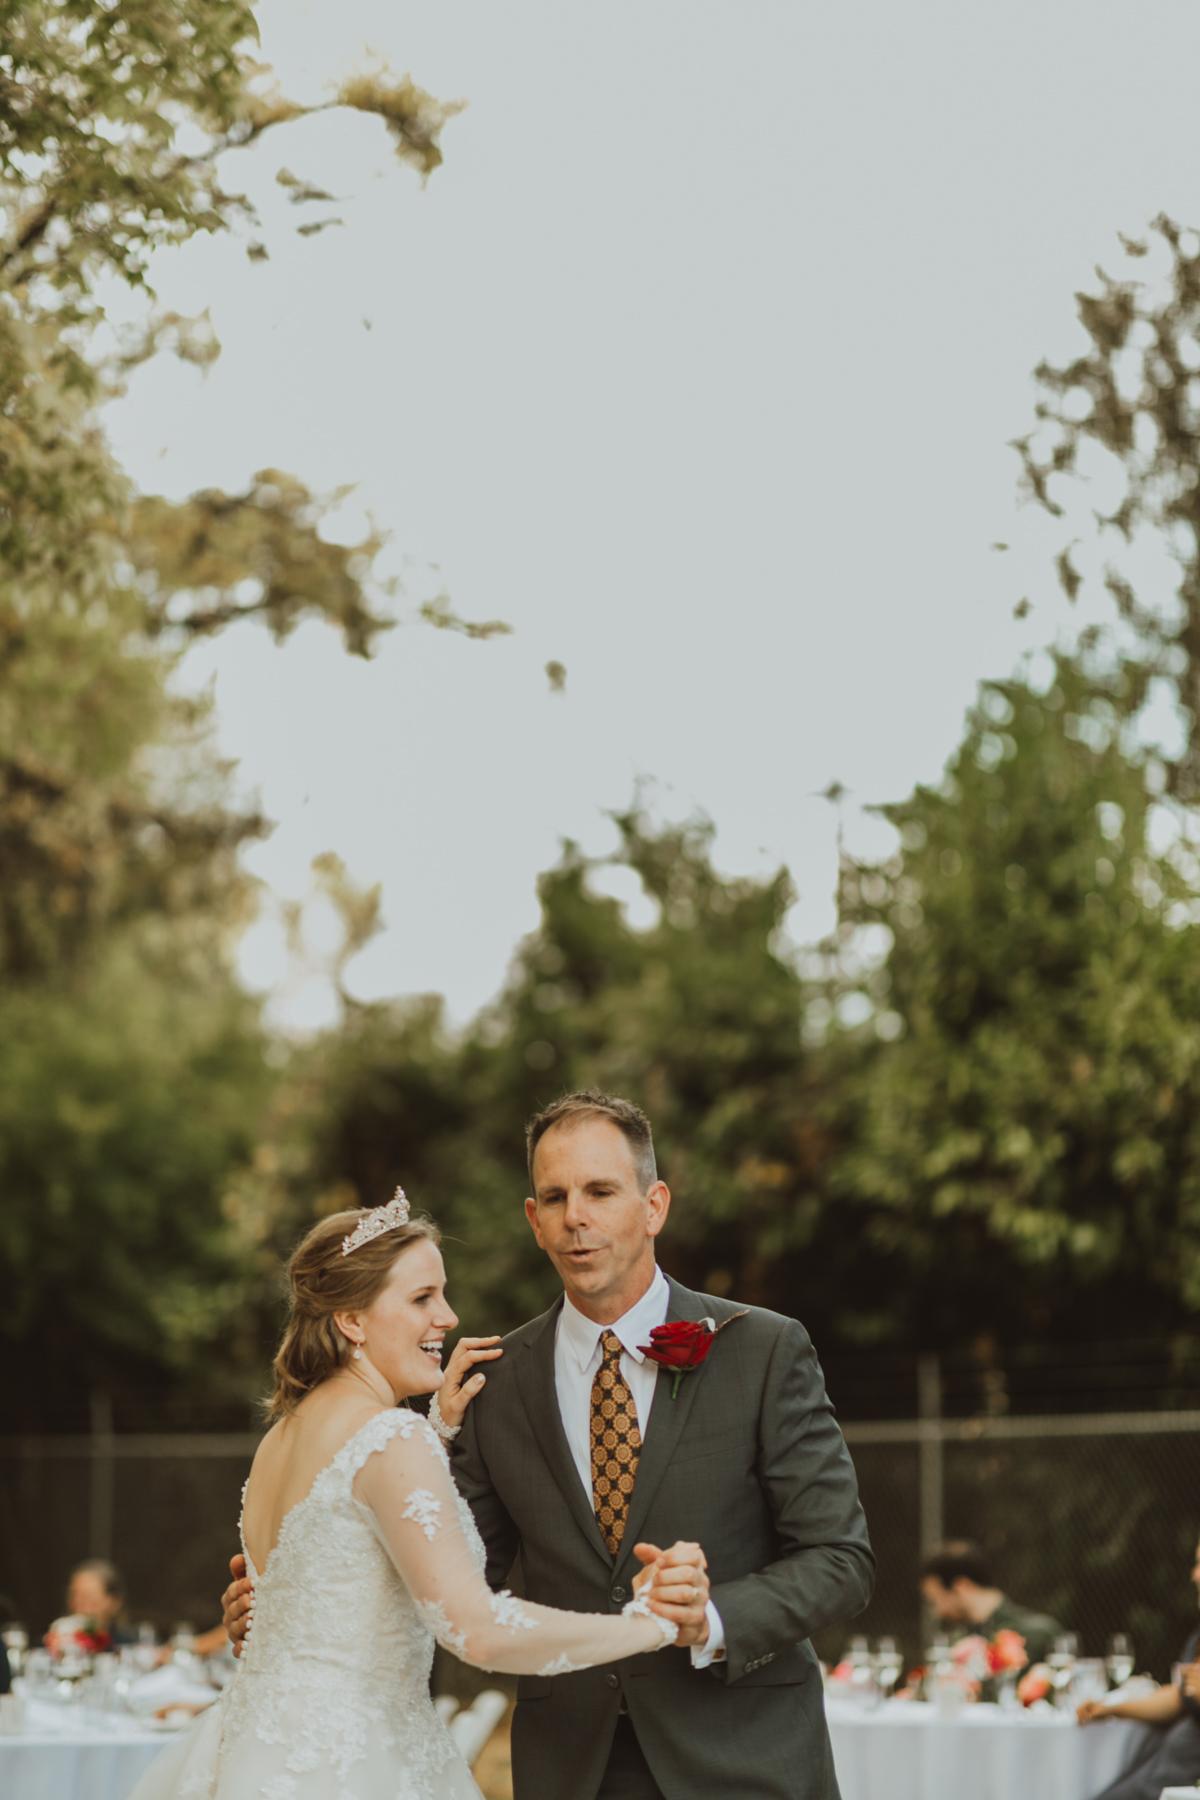 WB 09.08.18   Robinson Wedding 0195.JPG